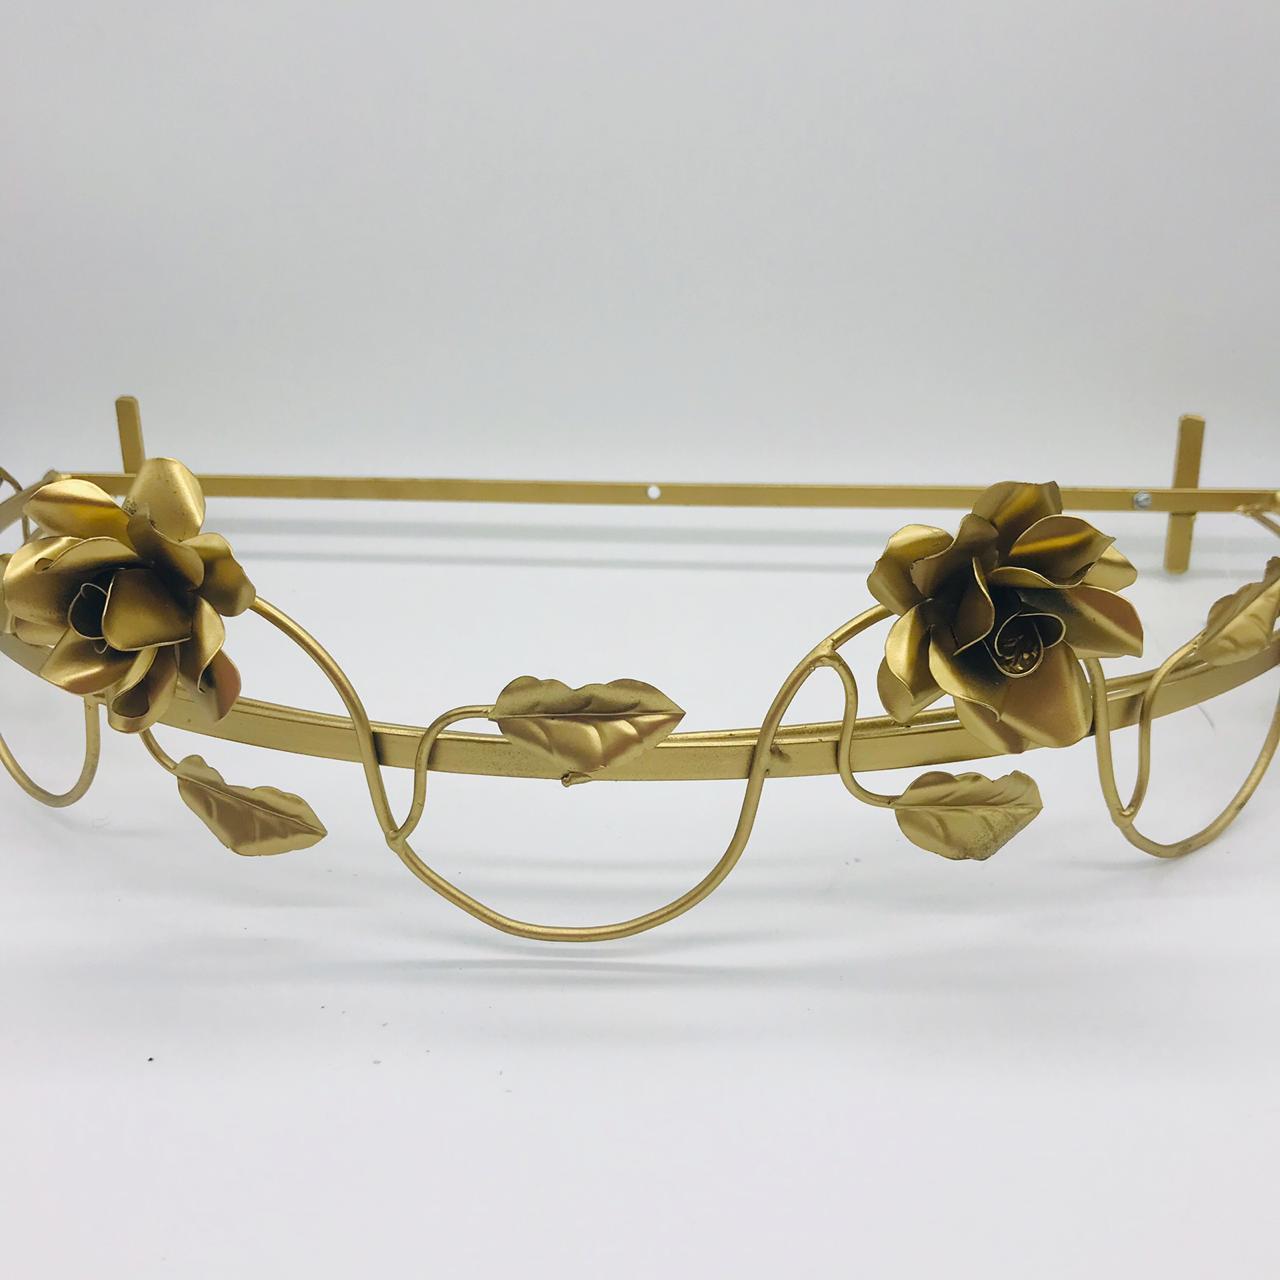 Dossel Dourado Brc Folhas - Magia e Fantasia Ref 7931